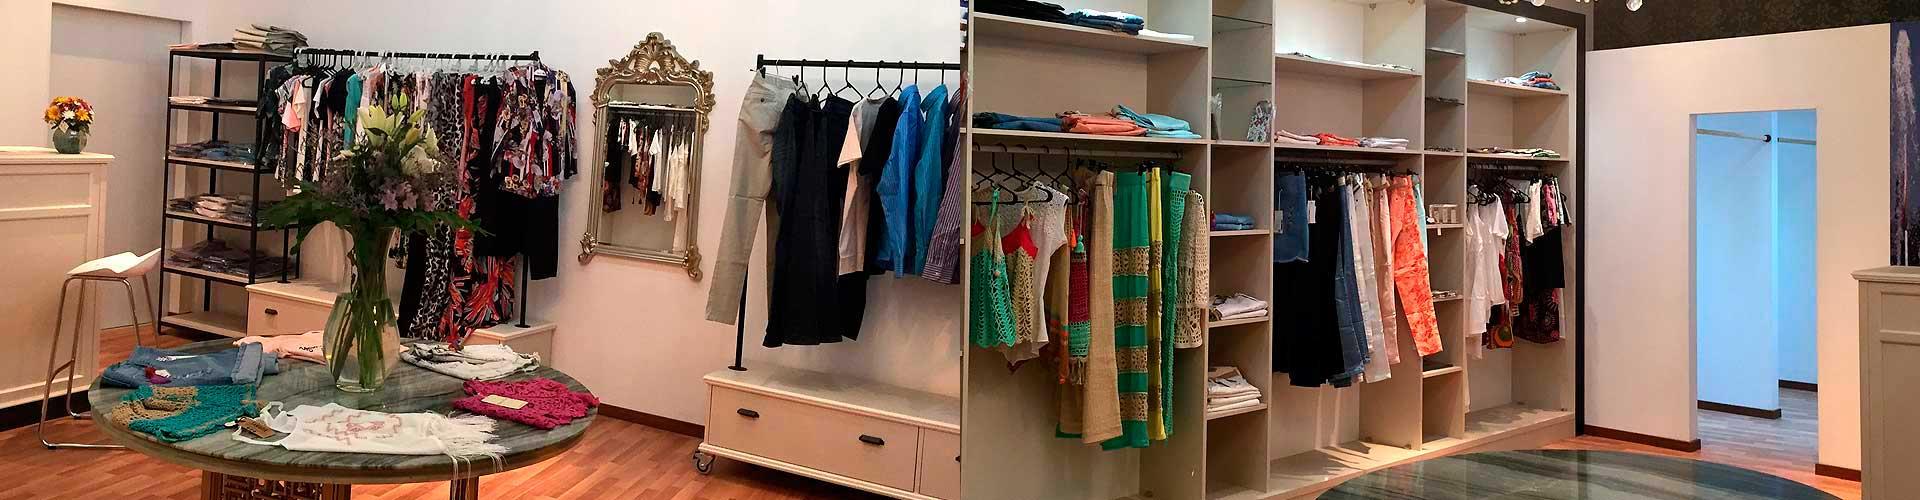 Muebles De Baño Zona Oeste:fabrica-de-muebles-para-locales-de-ropa-01jpg